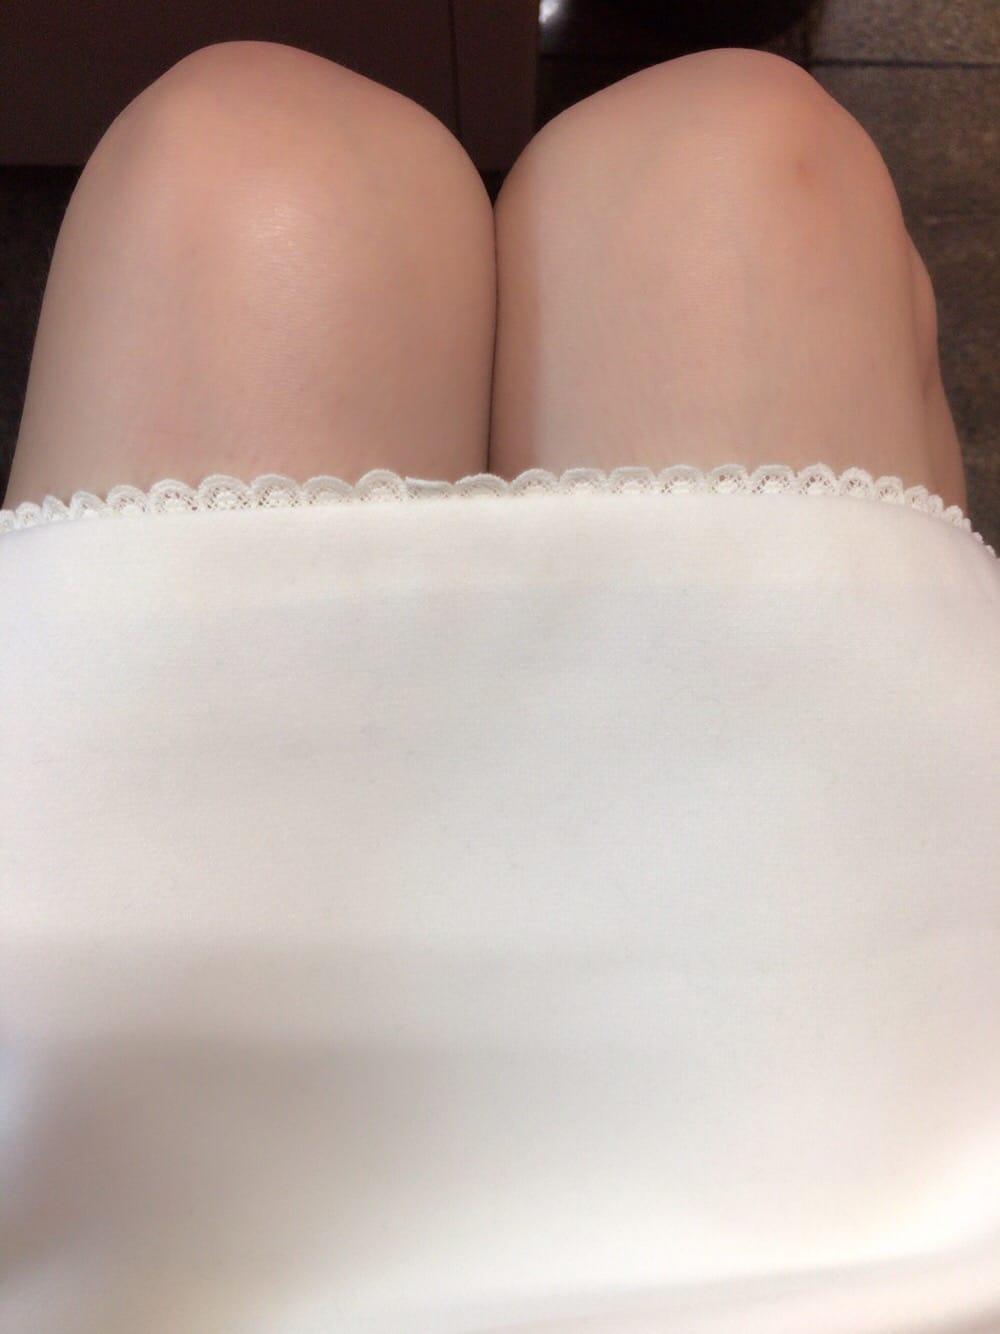 「こんばんは〜」03/06(火) 23:26 | ななせの写メ・風俗動画